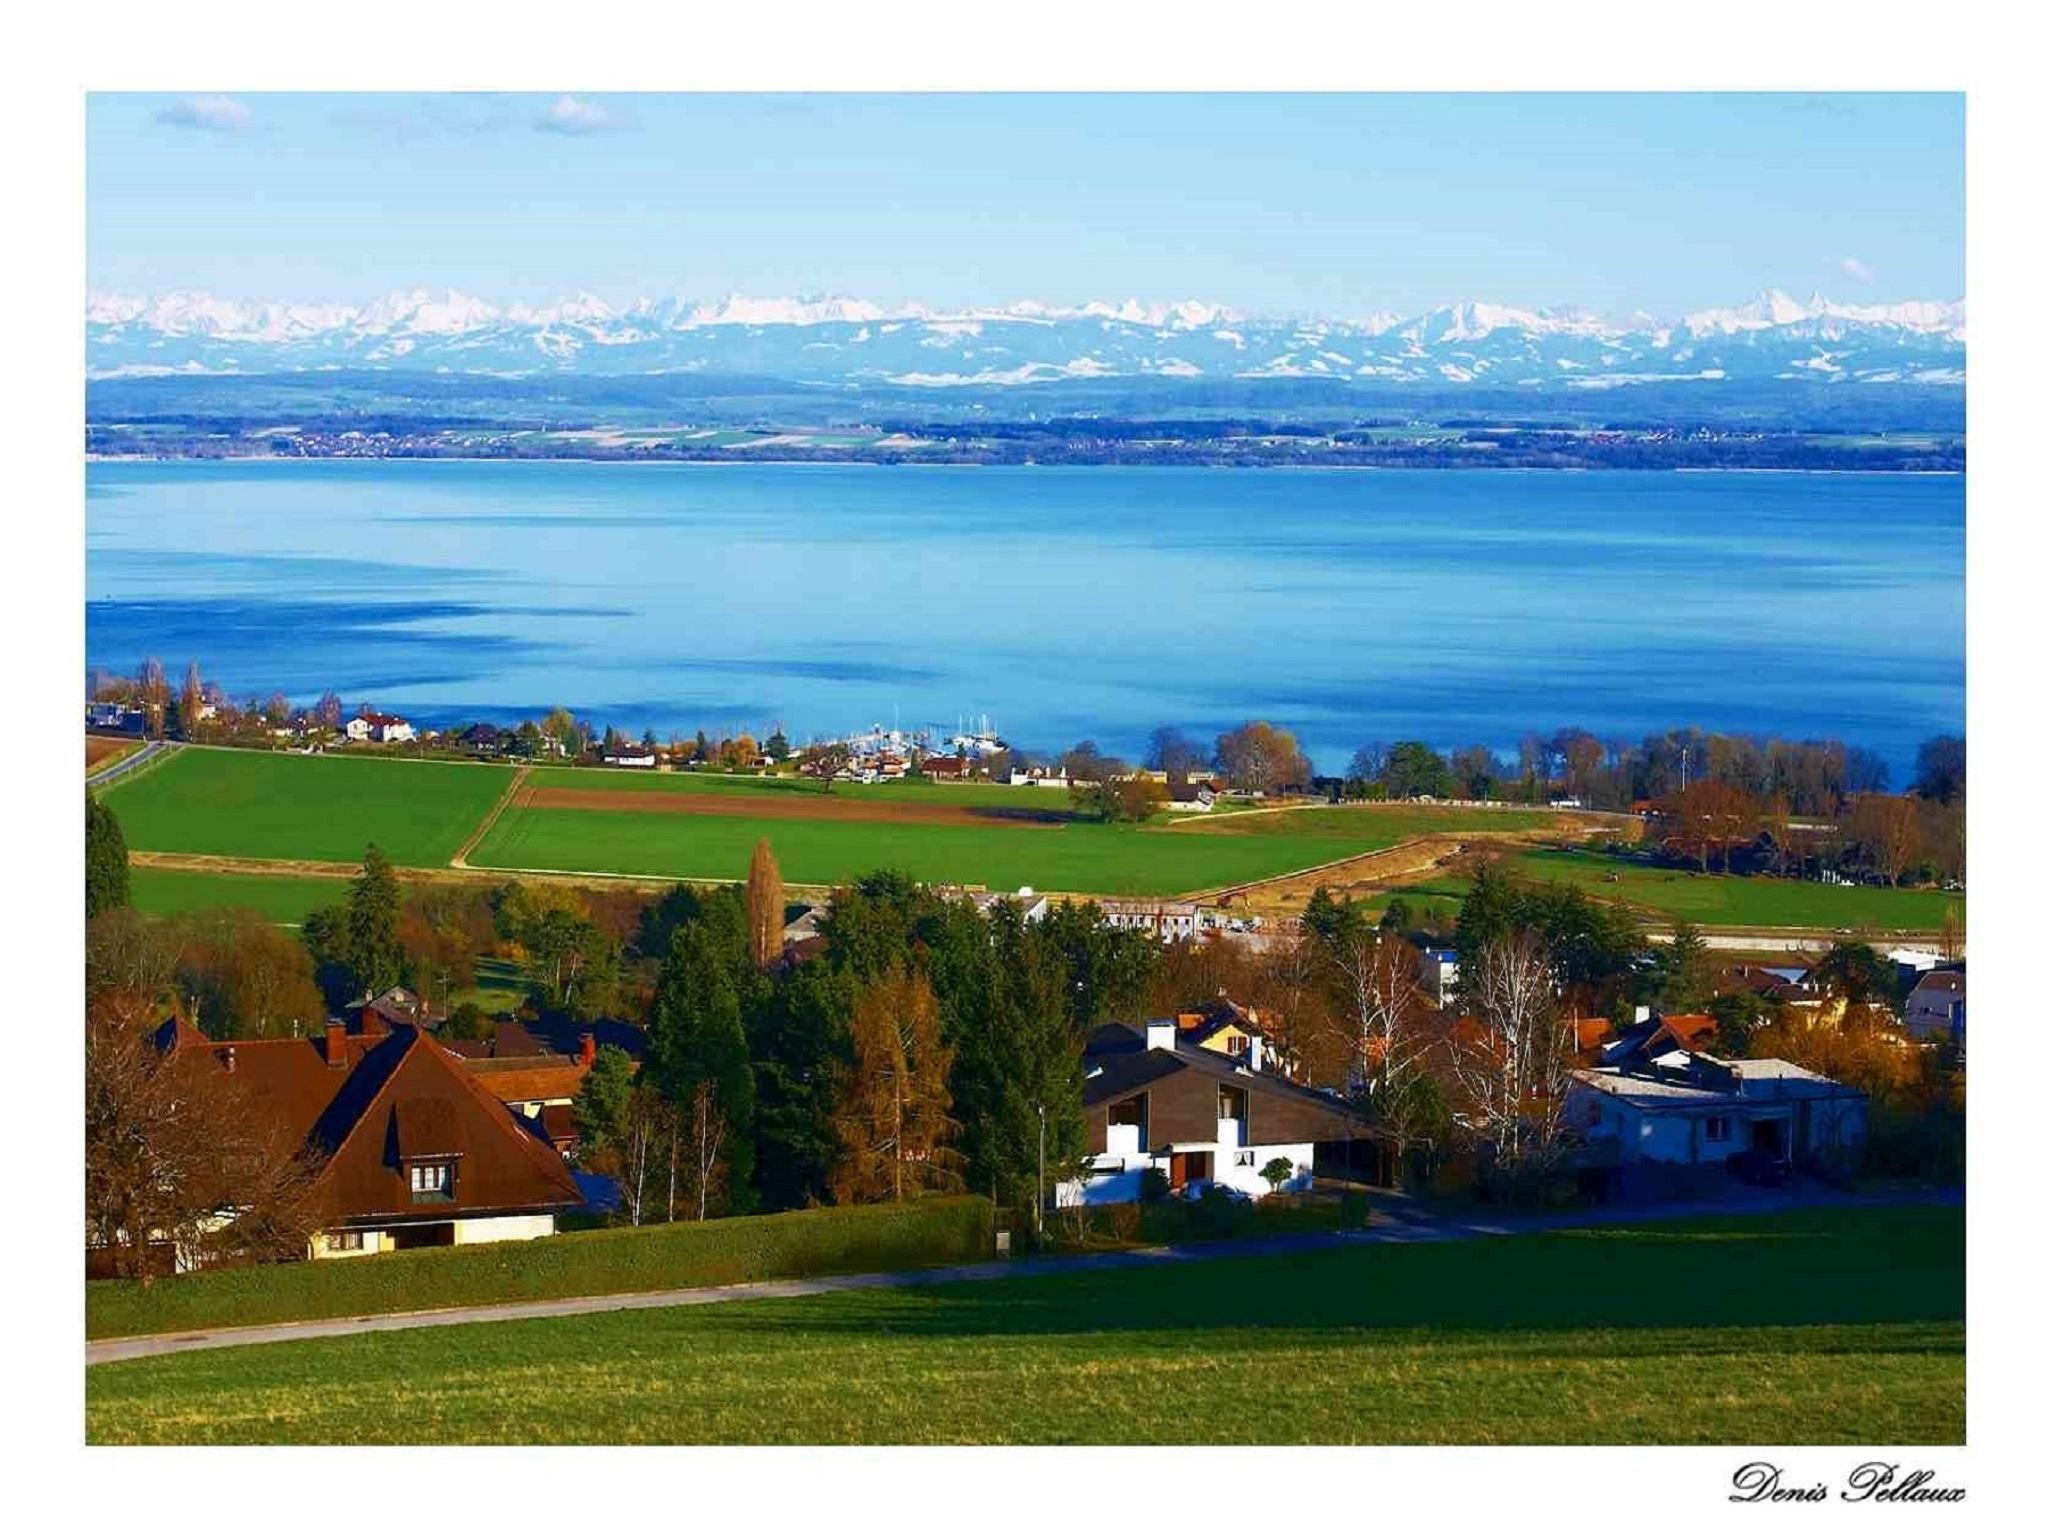 Appartement de vacances relaxe zu Hause ds 3pc oder im Studio eingerichteter Whirlpool und Pool im Somme (2520436), Bevaix, Lac de Neuchâtel, Jura - Neuchâtel, Suisse, image 15